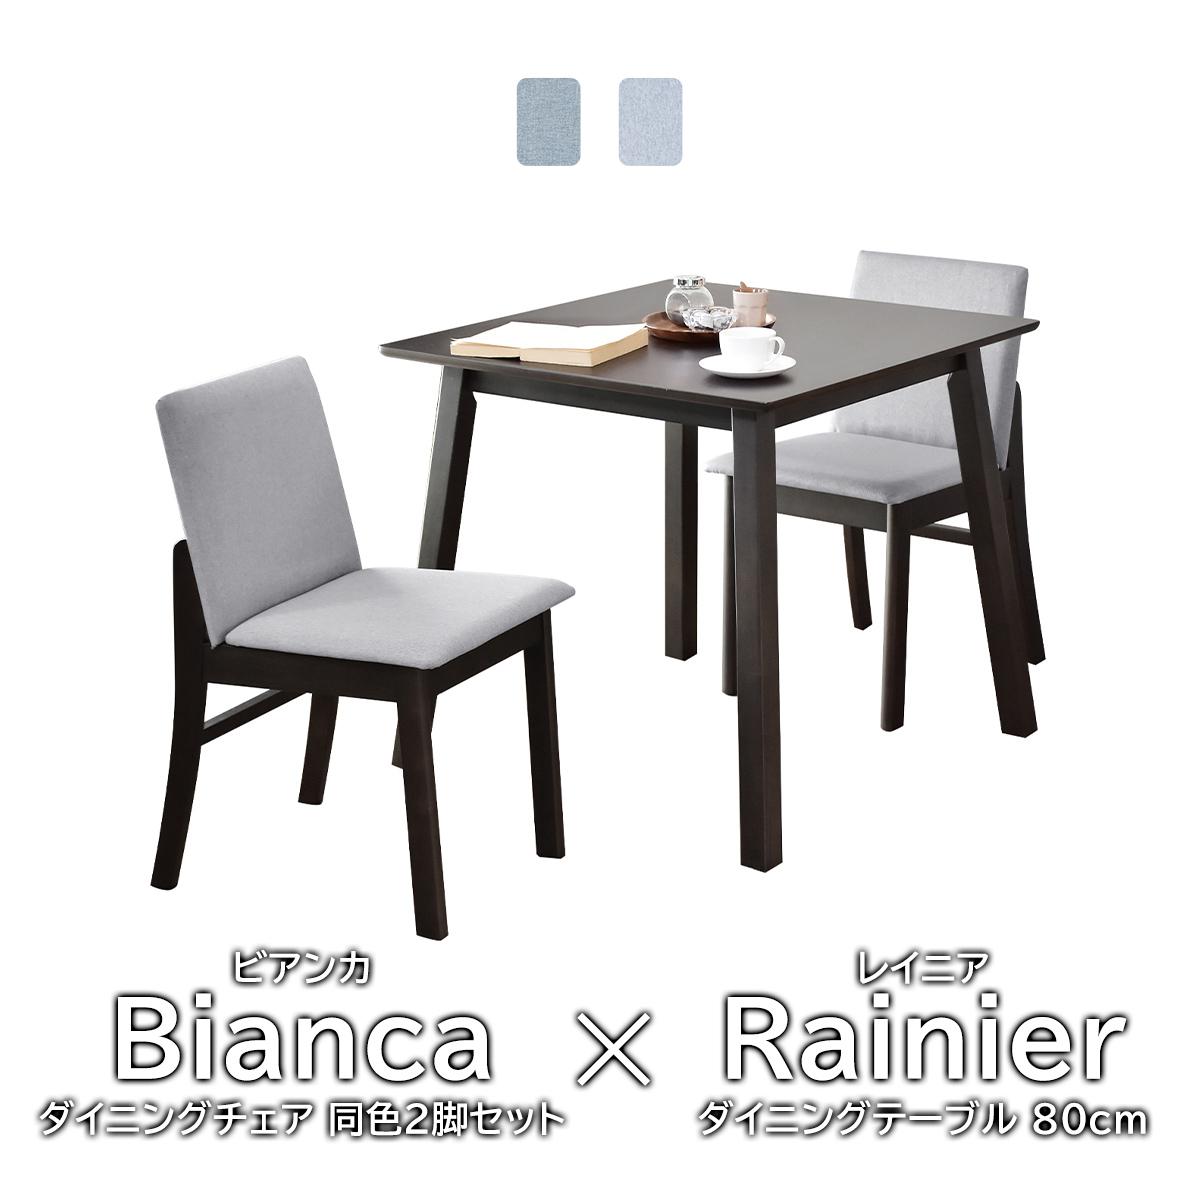 ダイニングテーブル 2人用 3点セット 幅80 天然木 テーブル チェア ファブリック レイニア80cm ビアンカ2脚セット